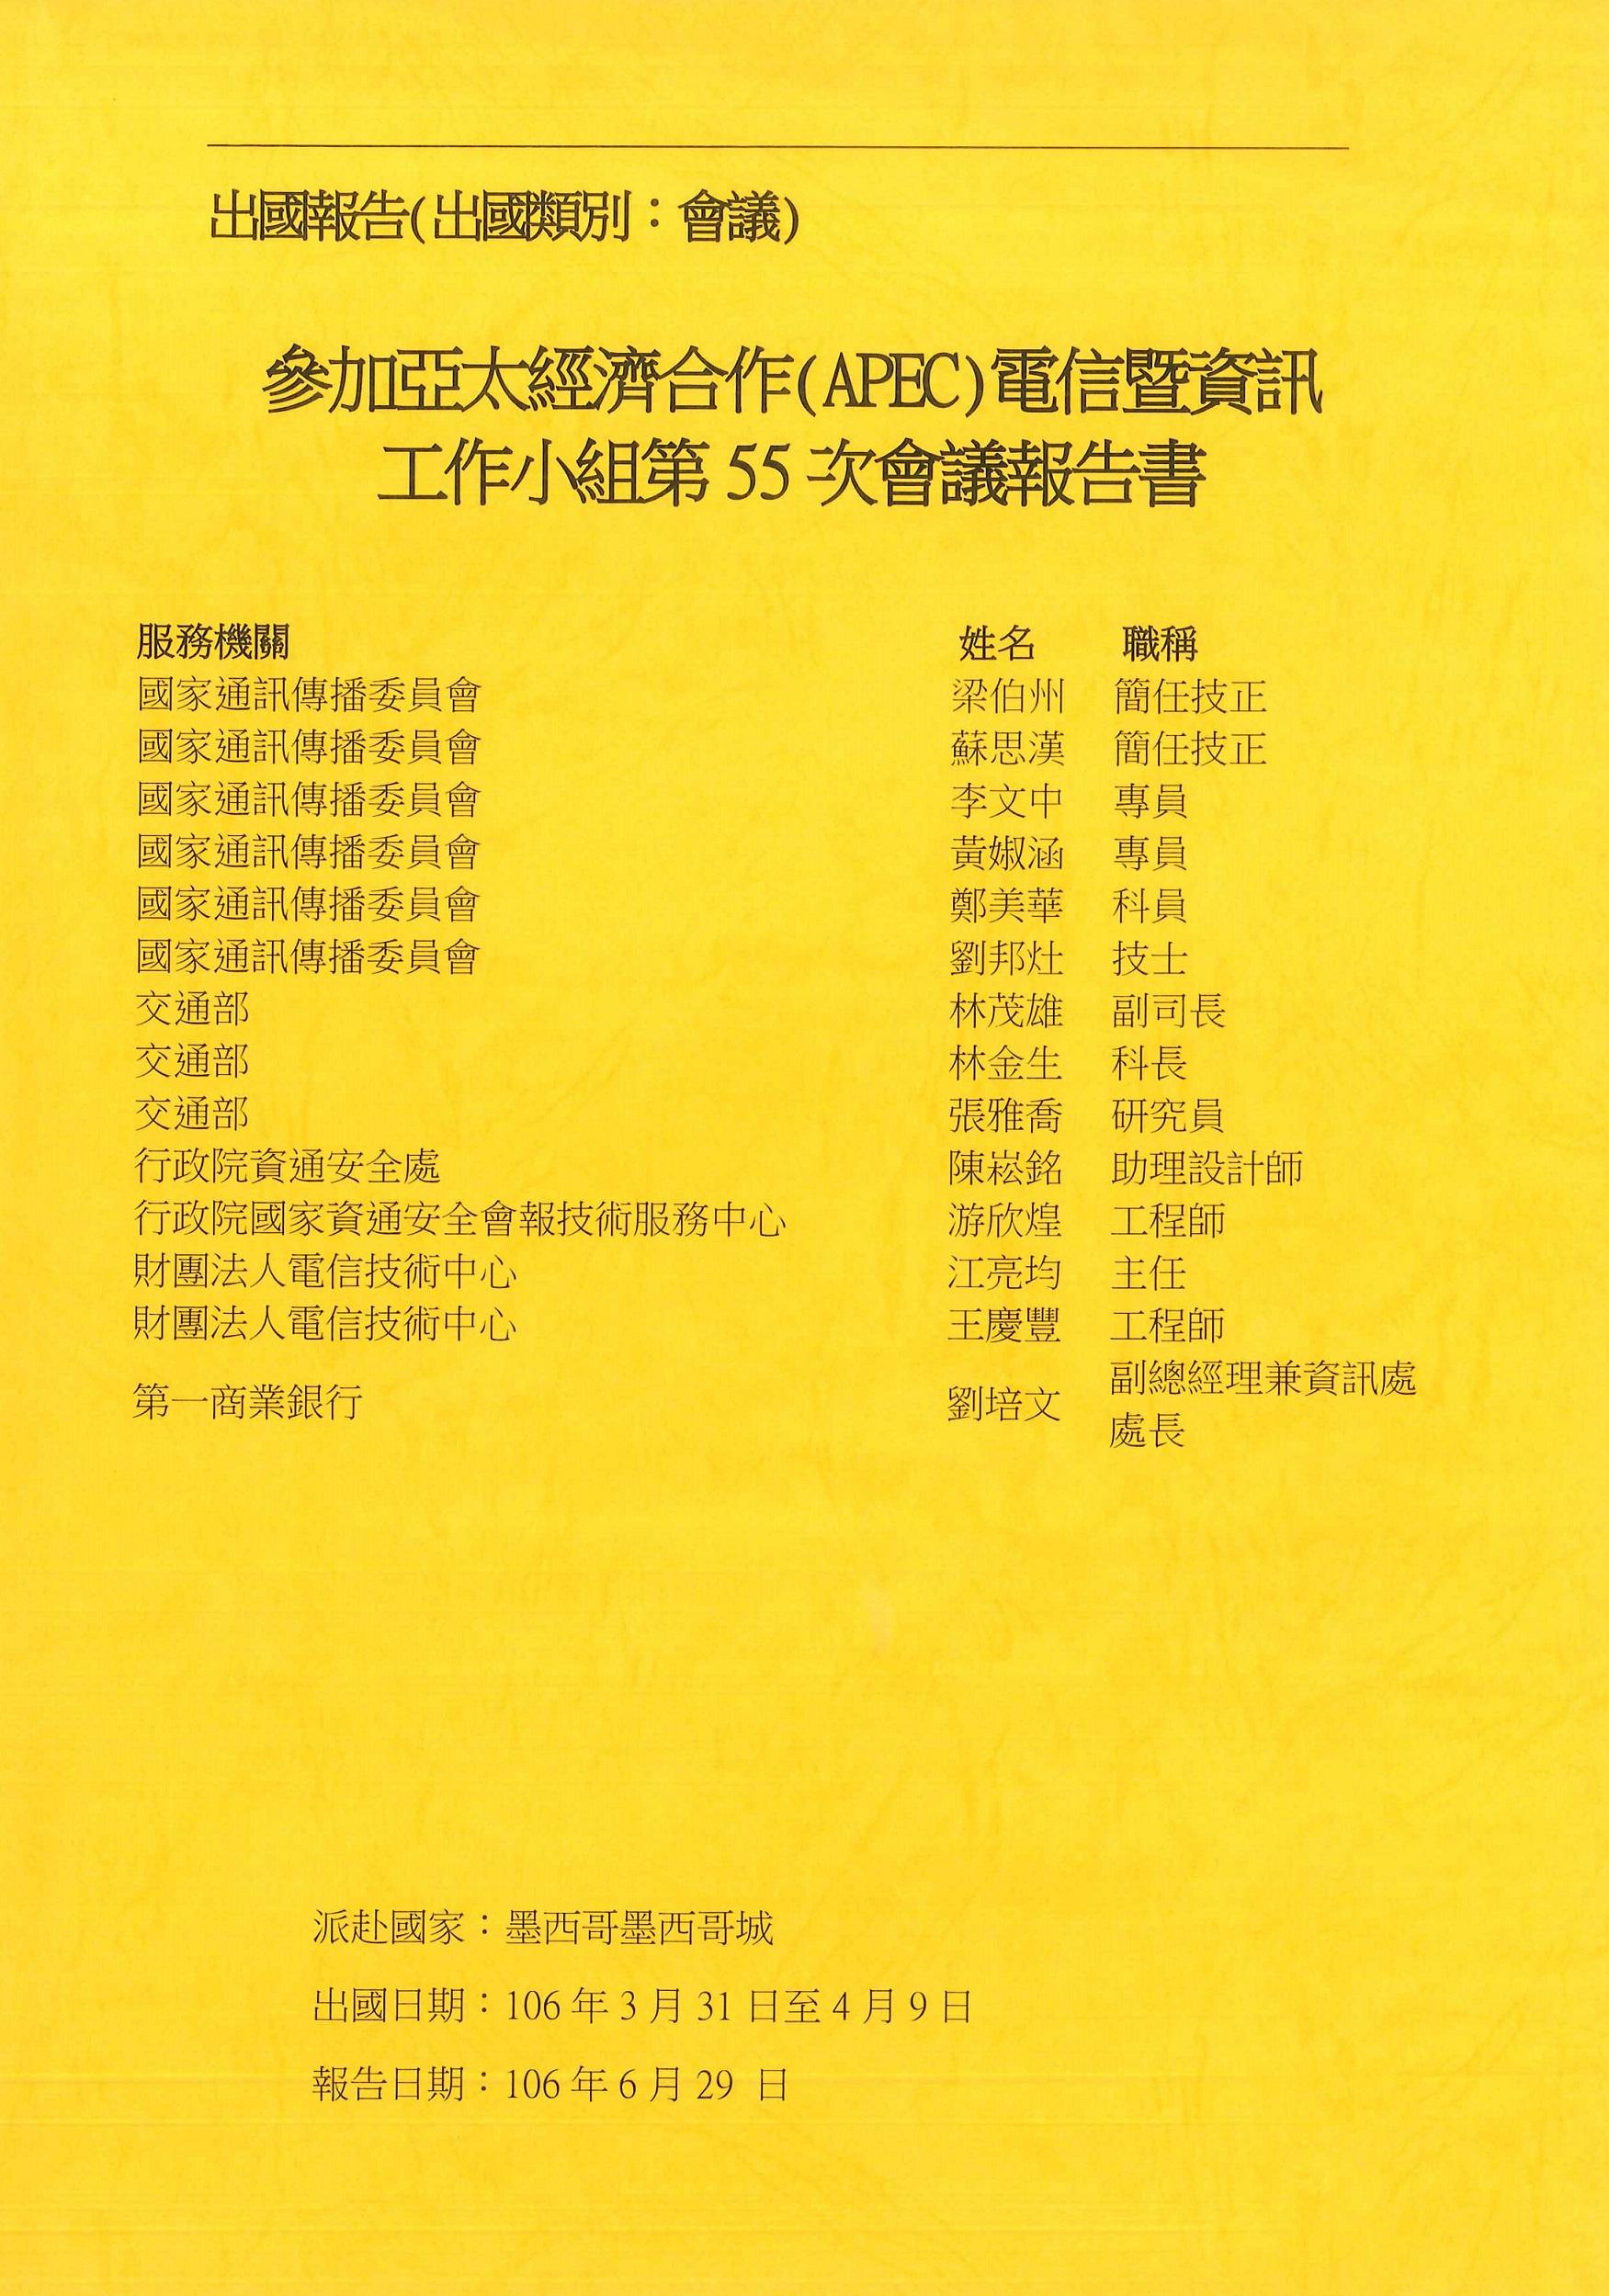 參加亞太經濟合作(APEC)電信暨資訊工作小組第55次會議報告書